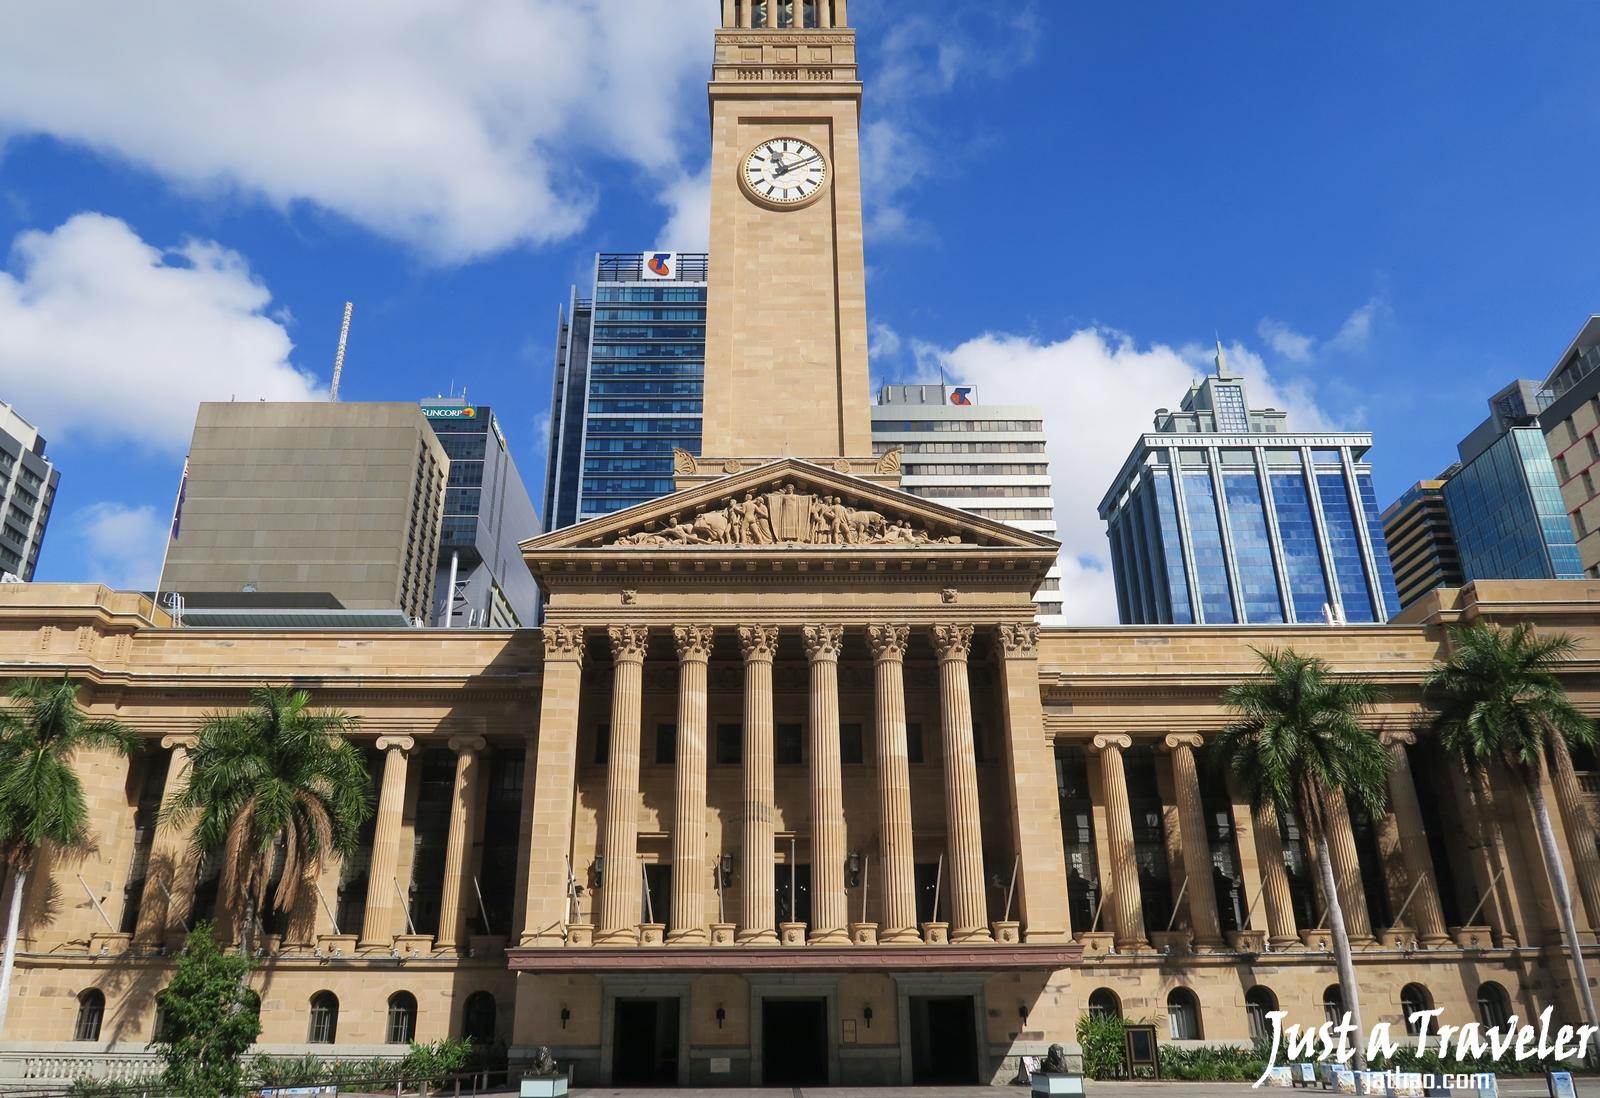 布里斯本-市區-景點-喬治國王廣場-布里斯本市政廳-遊記-行程-介紹-King George Square-Brisbane City Hall-布里斯班